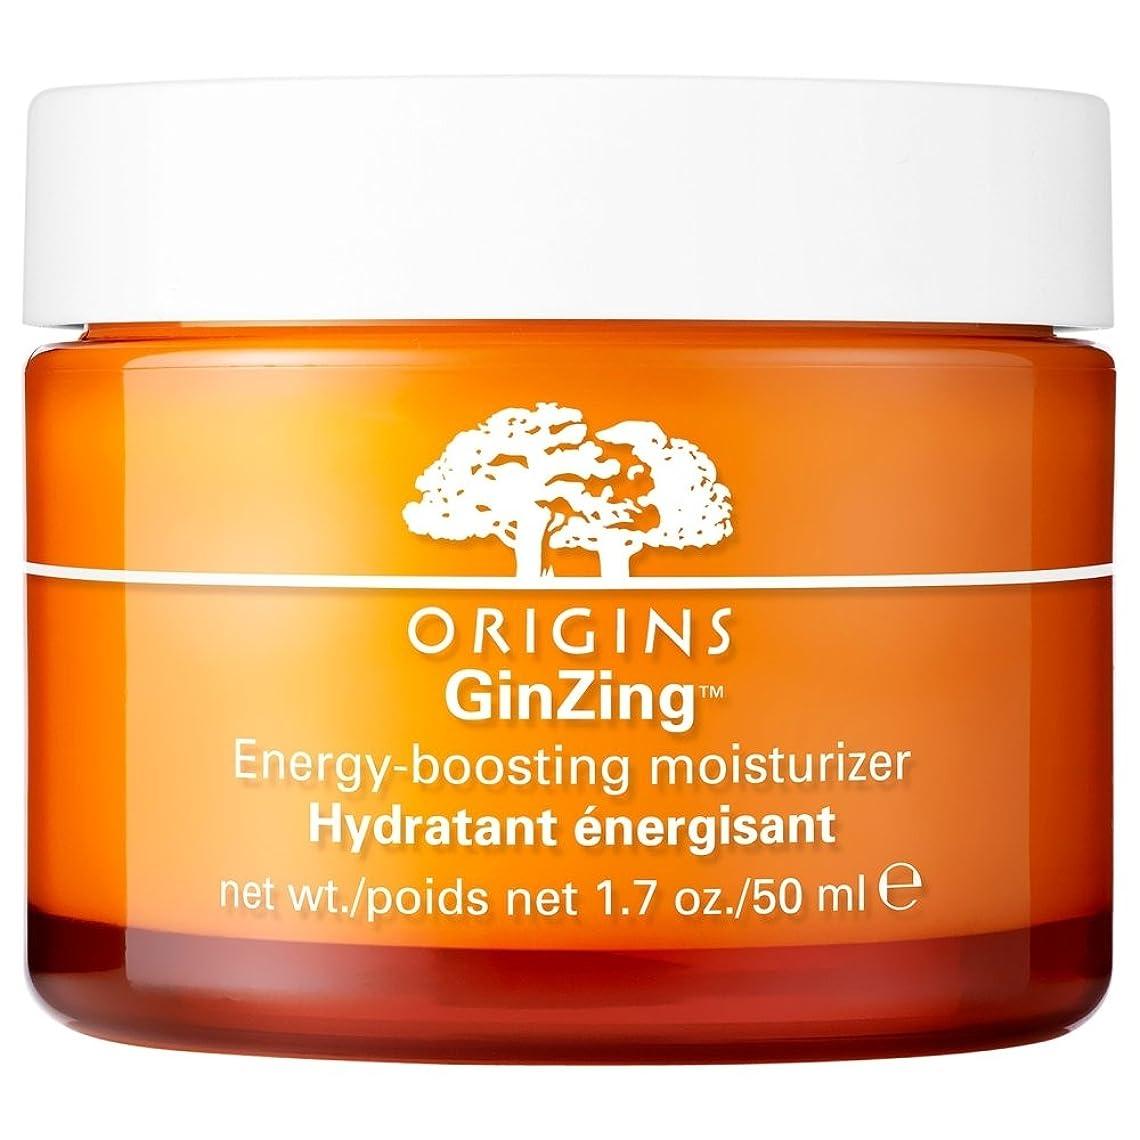 紳士気取りの、きざな自己尊重法的保湿剤をGinzing起源、50ミリリットル (Origins) (x2) - Origins Ginzing Moisturizer, 50ml (Pack of 2) [並行輸入品]